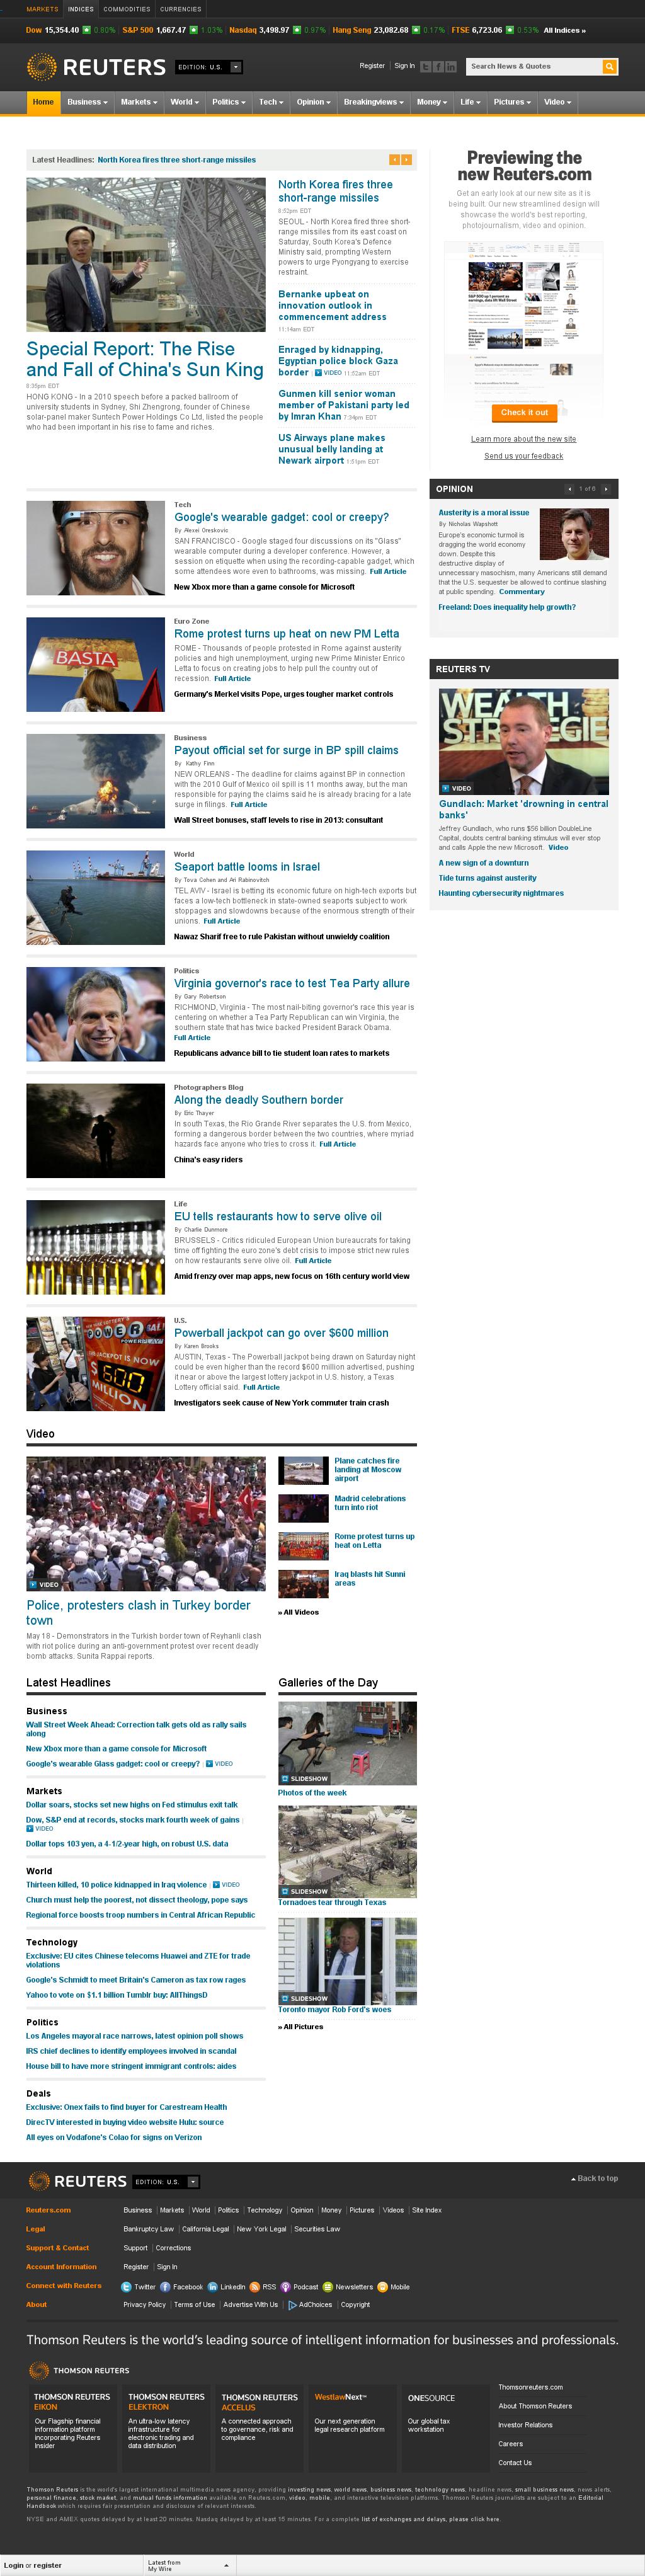 Reuters at Sunday May 19, 2013, 1:26 a.m. UTC